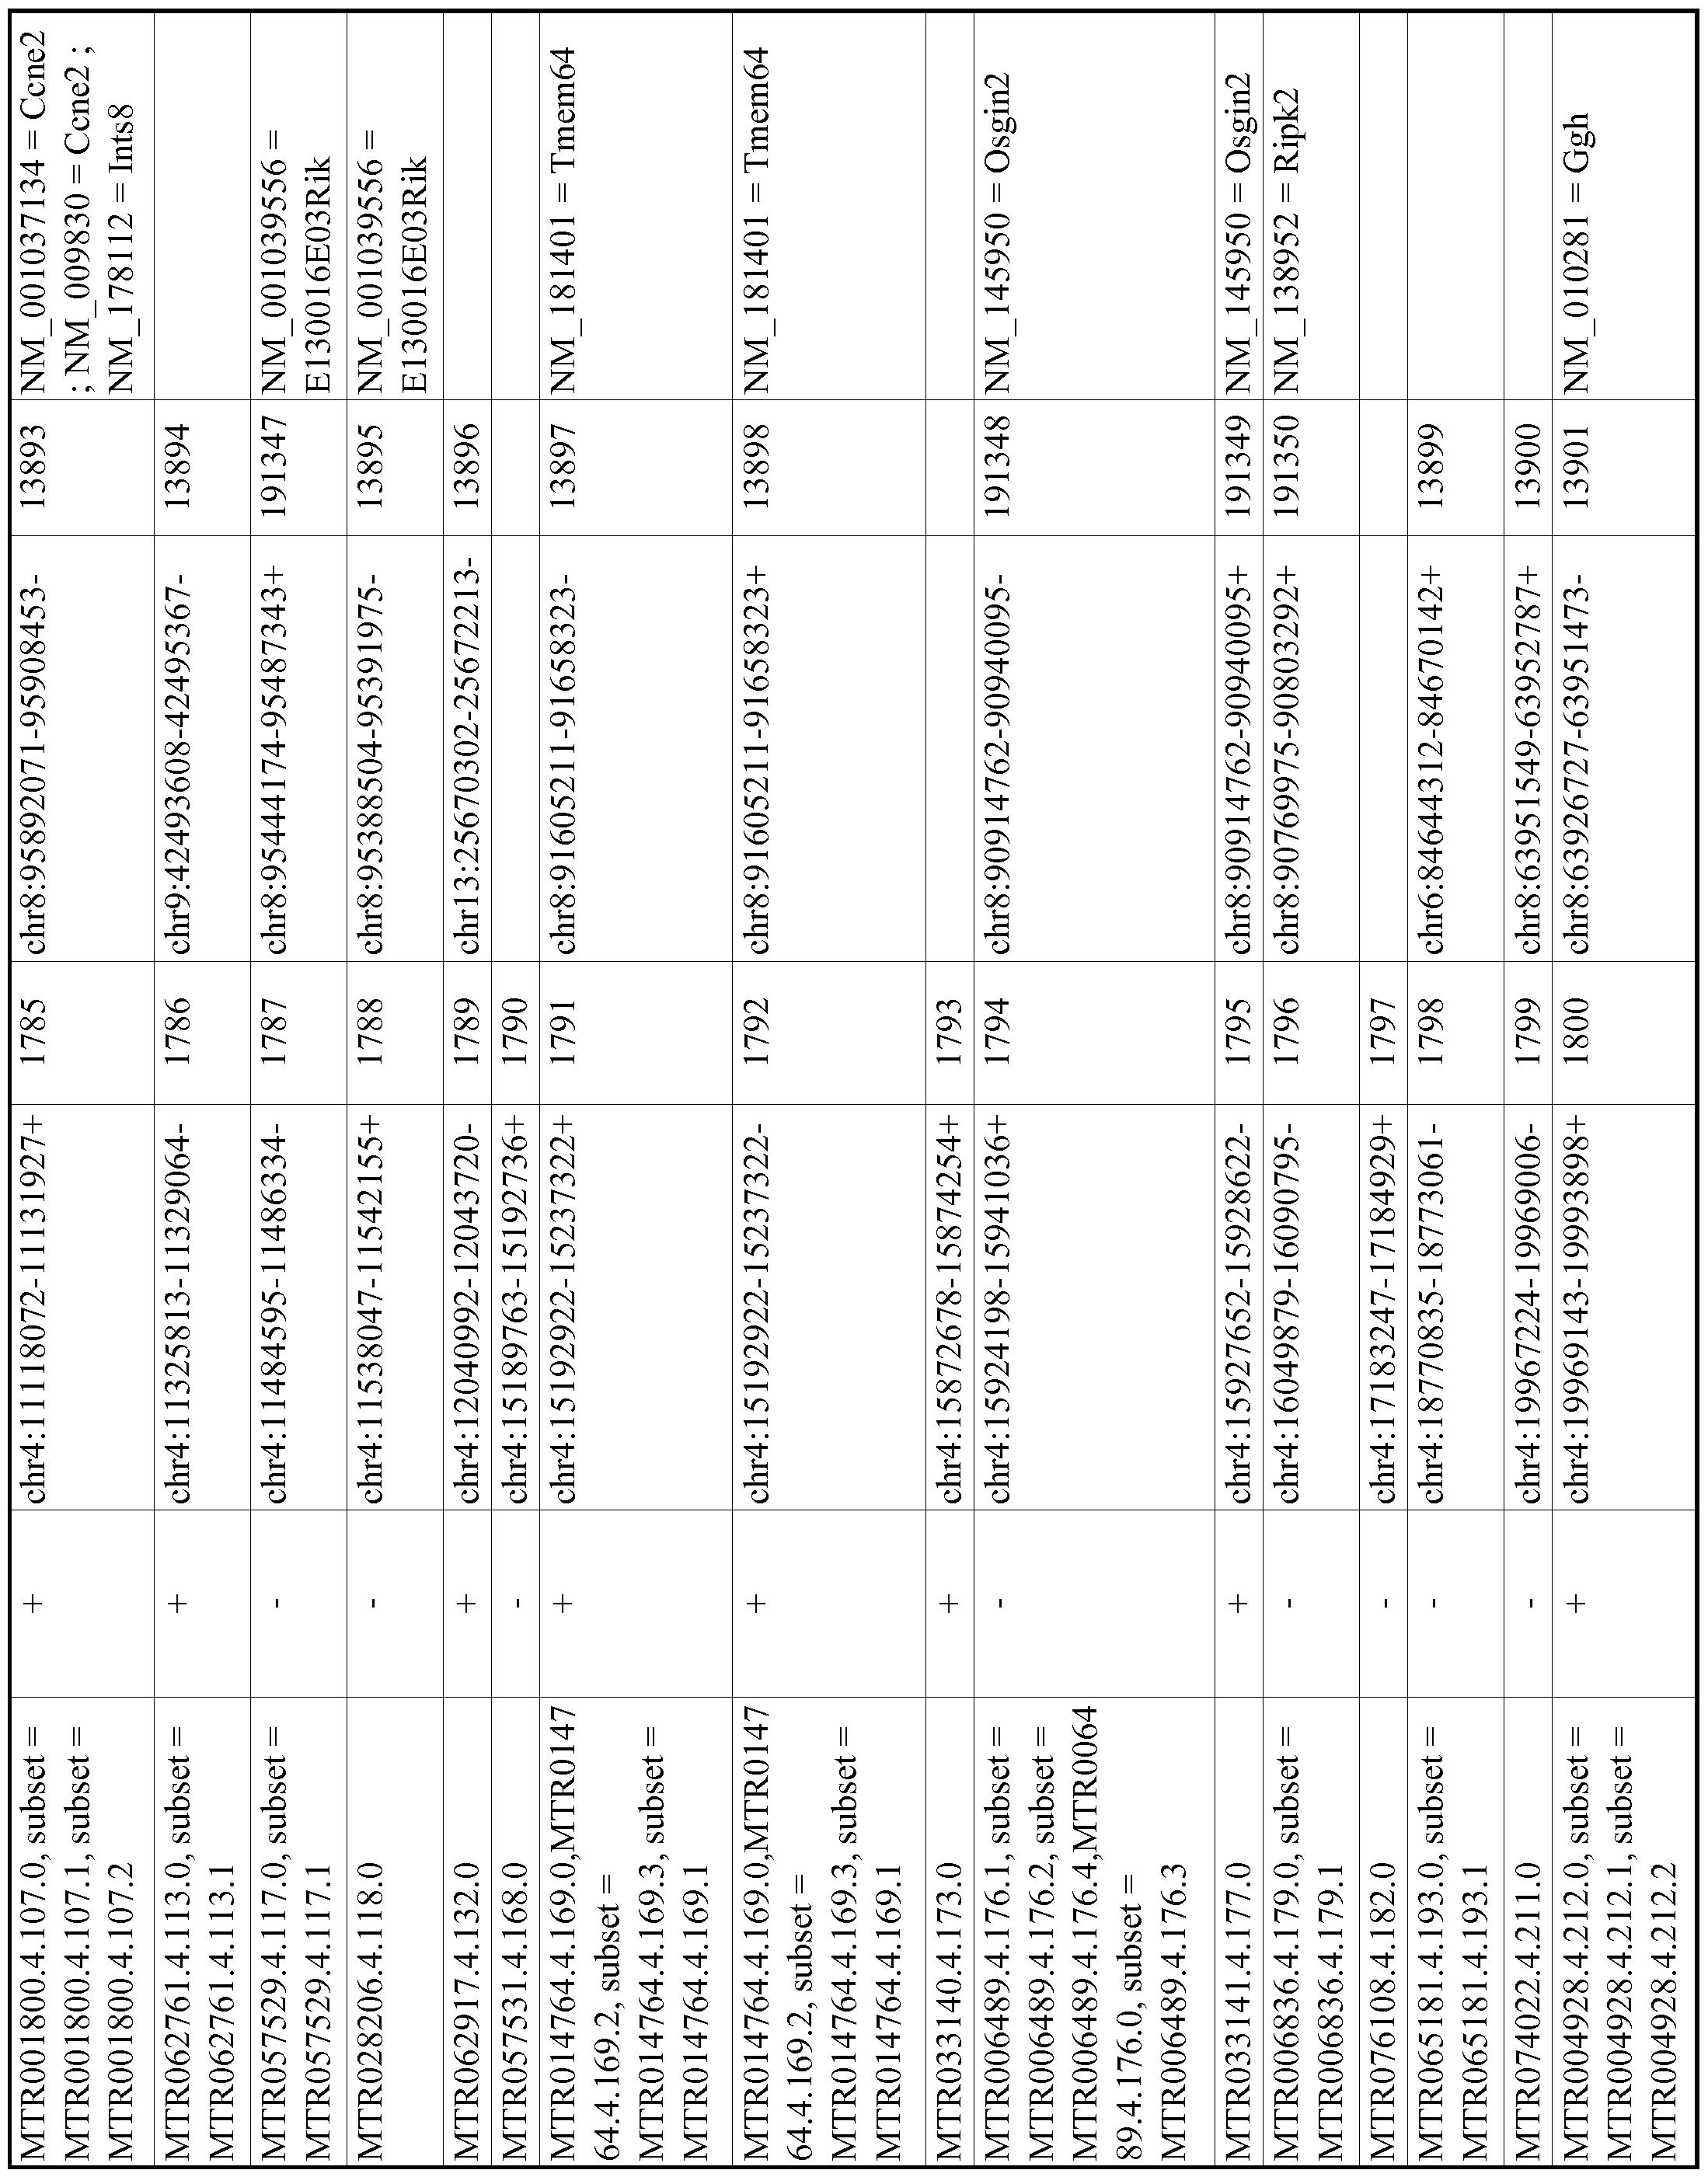 Figure imgf000438_0001